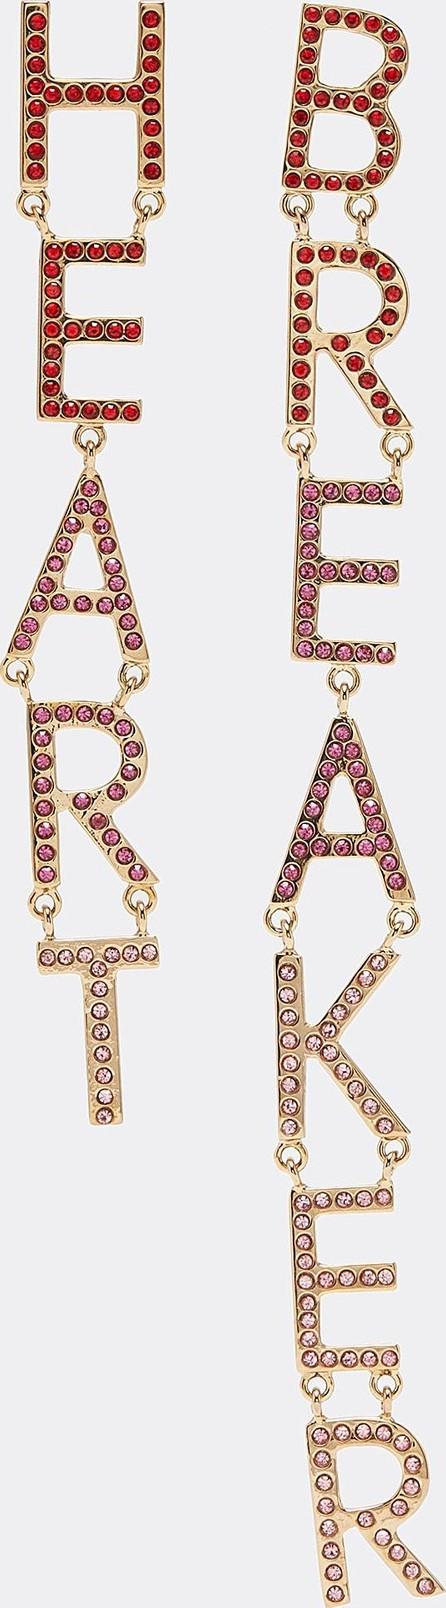 Bijoux De Famille 'Heart Breaker' strass drop earrings